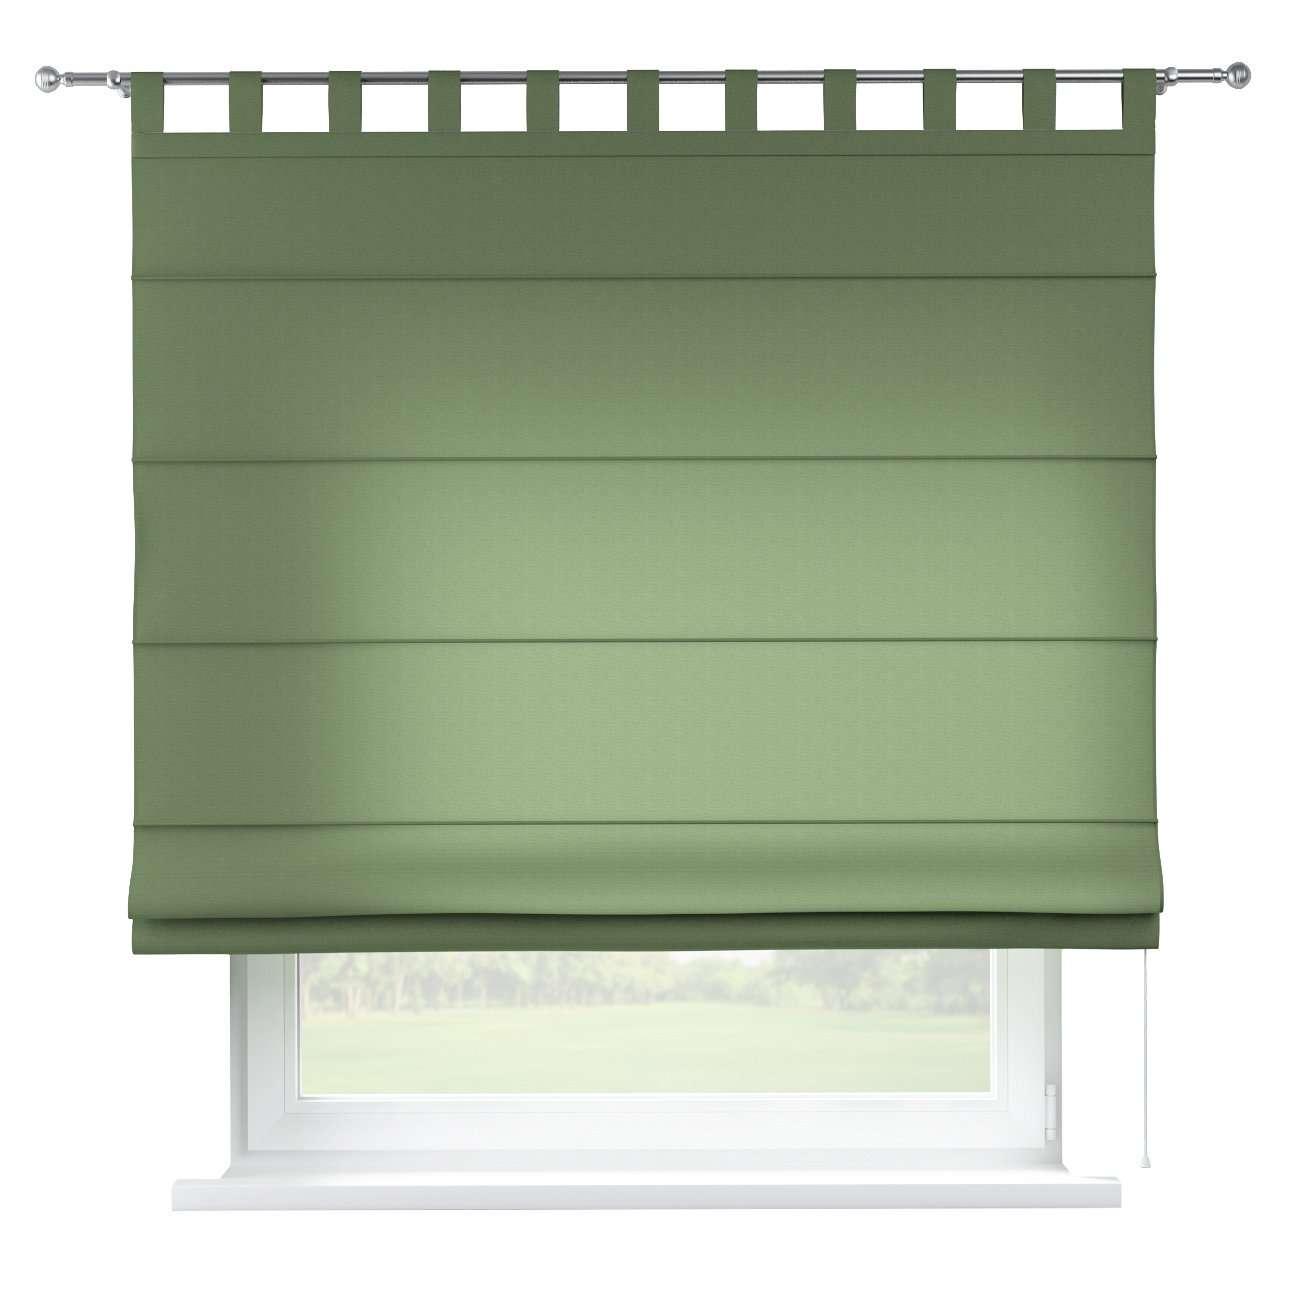 Raffrollo Verona, grün, 130 × 170 cm, Jupiter